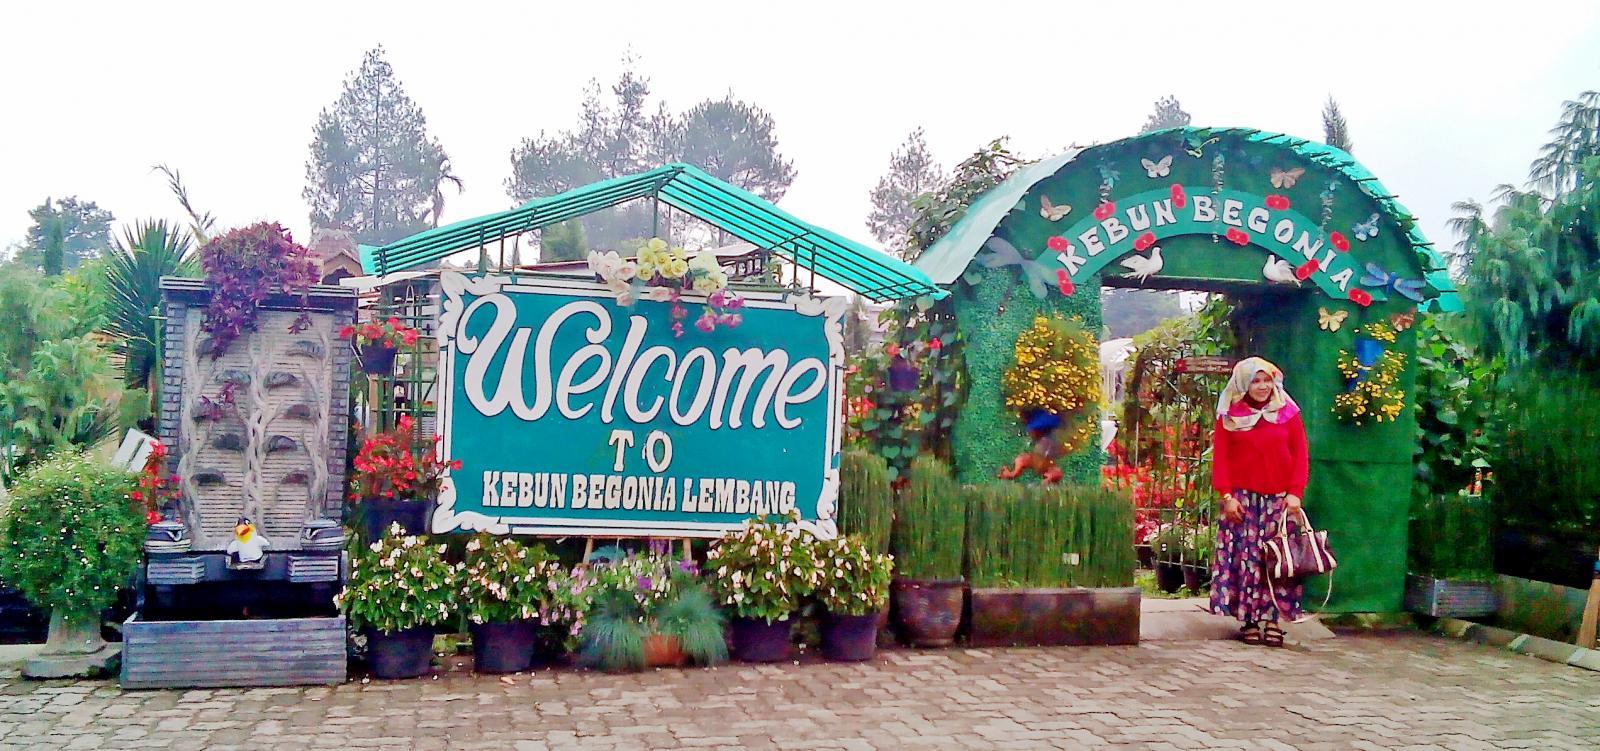 Kebun Begonia Bandung